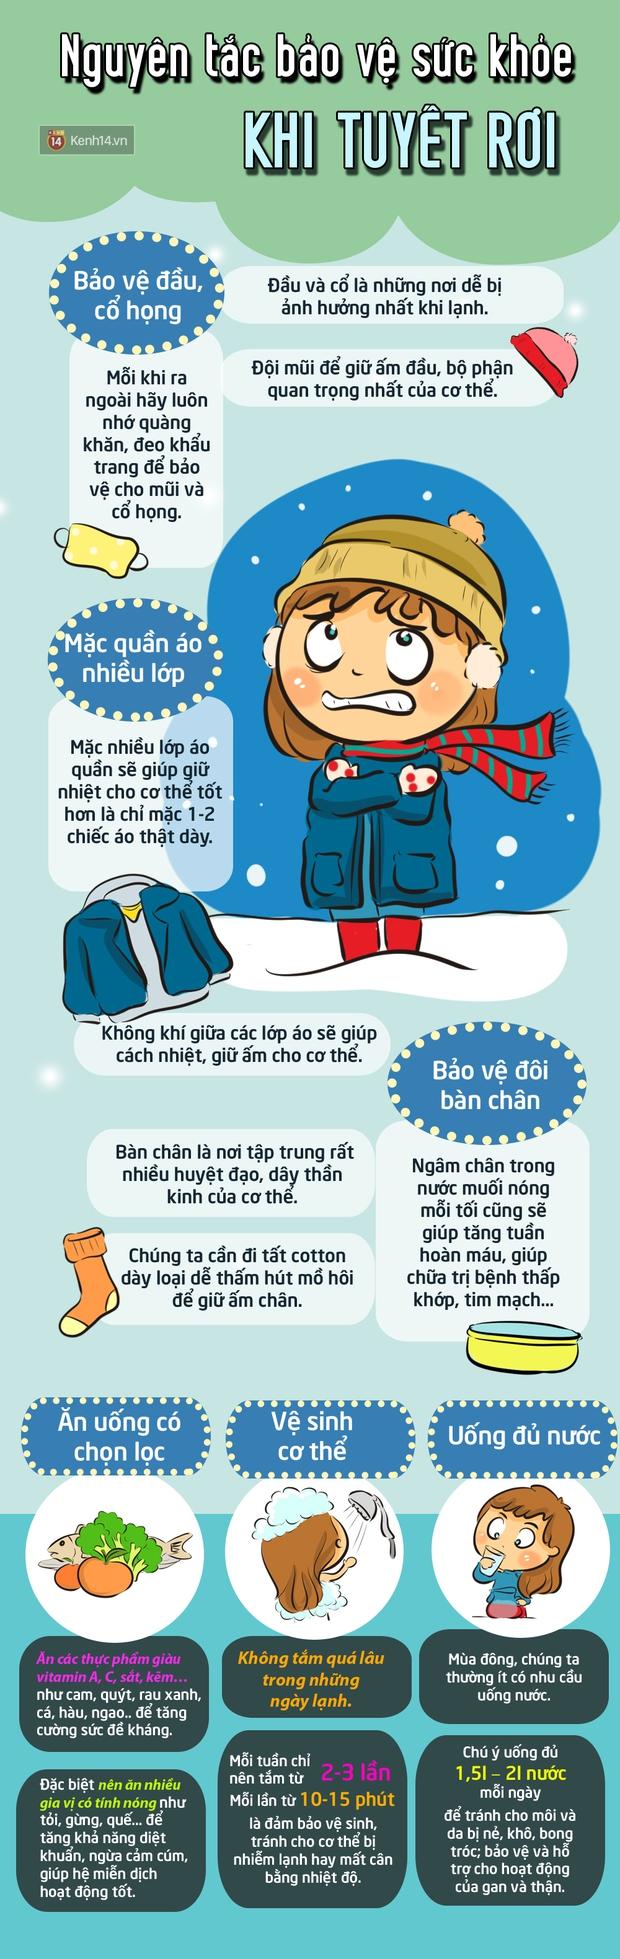 Làm gì để ấm áp và khỏe mạnh trong mùa tuyết rơi - Ảnh 1.